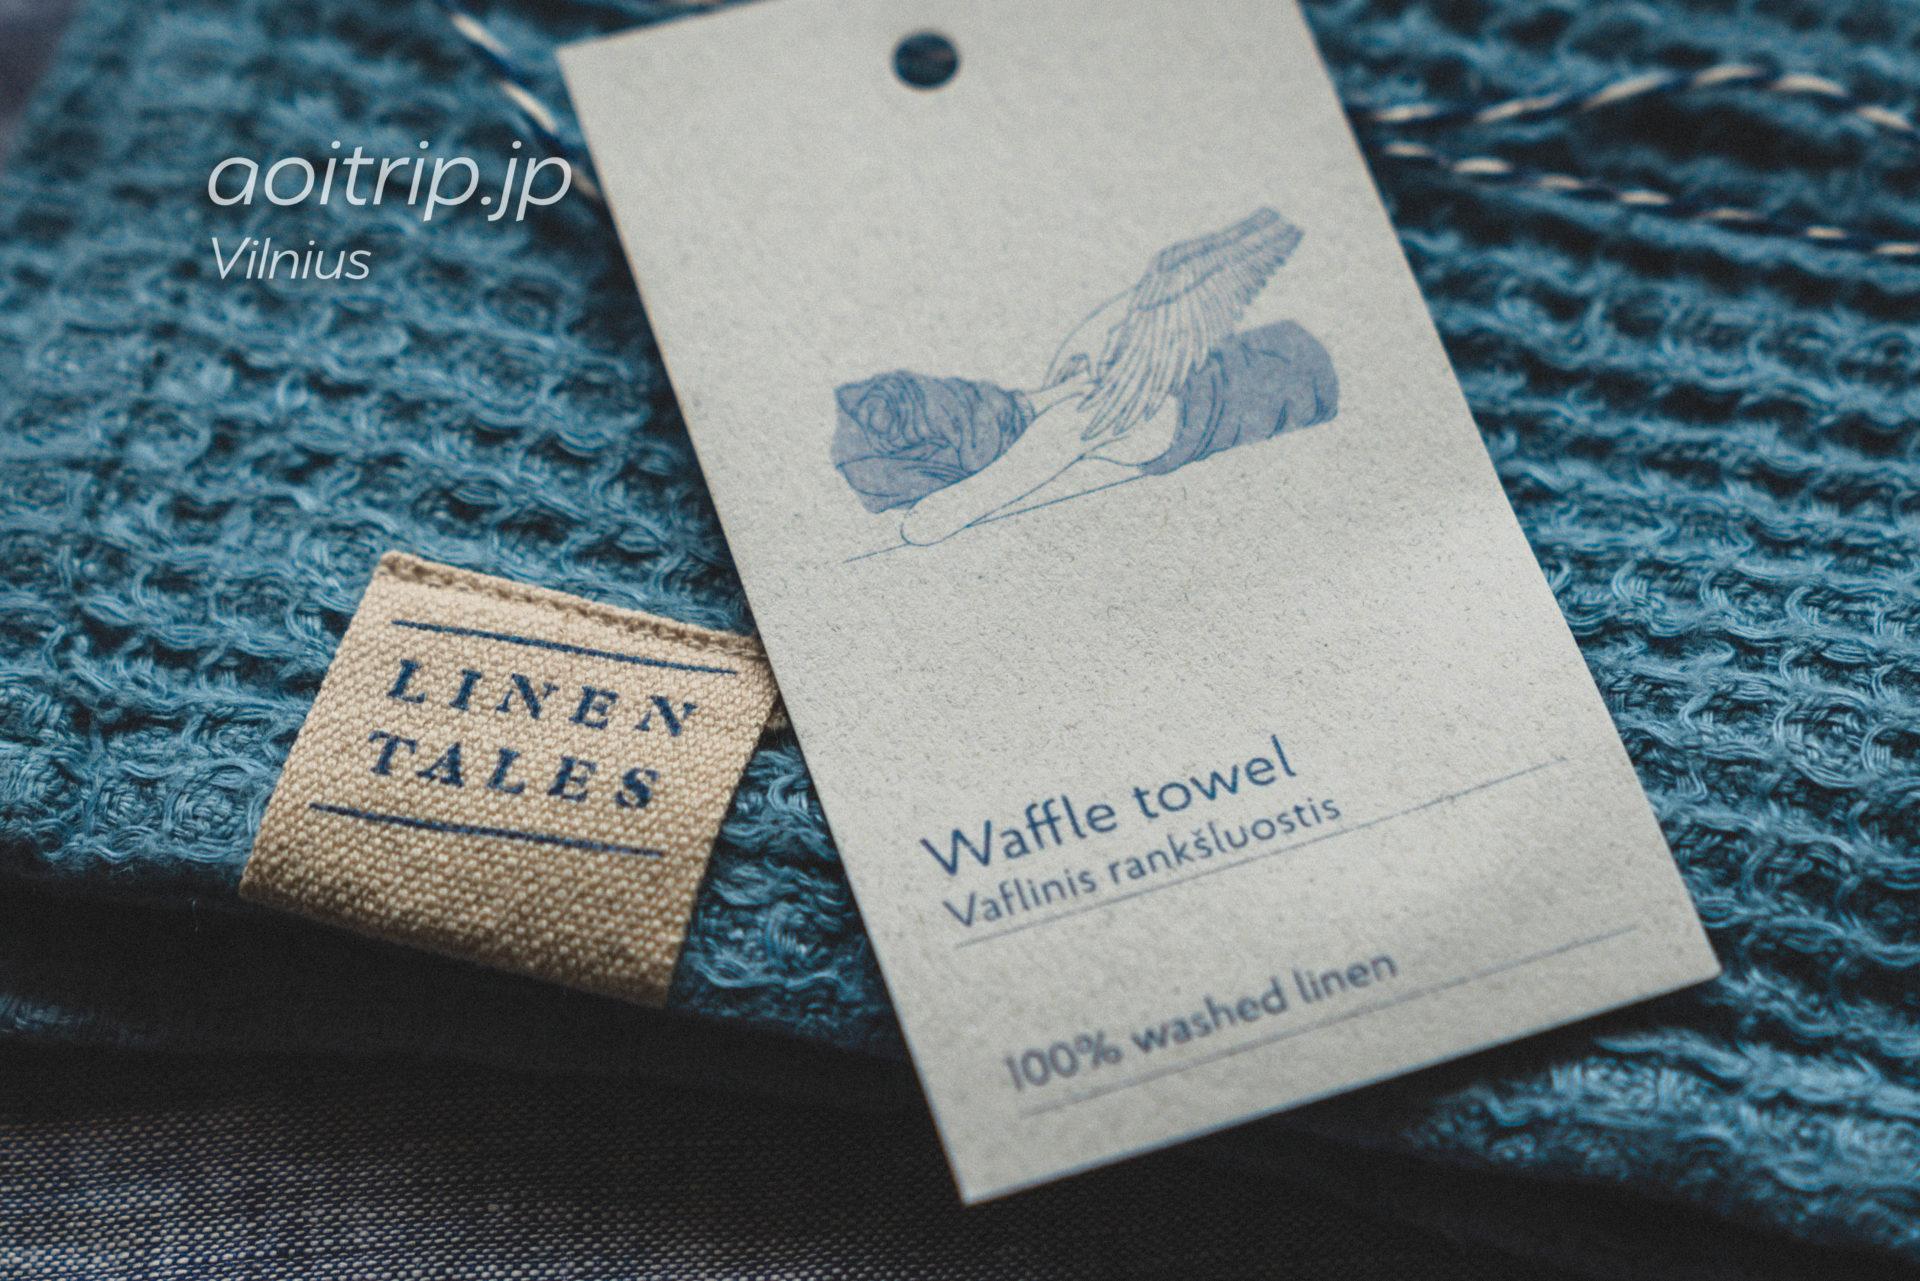 リトアニア ヴィリニュスのリネンテイルズ(Linen Tales) 100%リネンのキッチンタオル